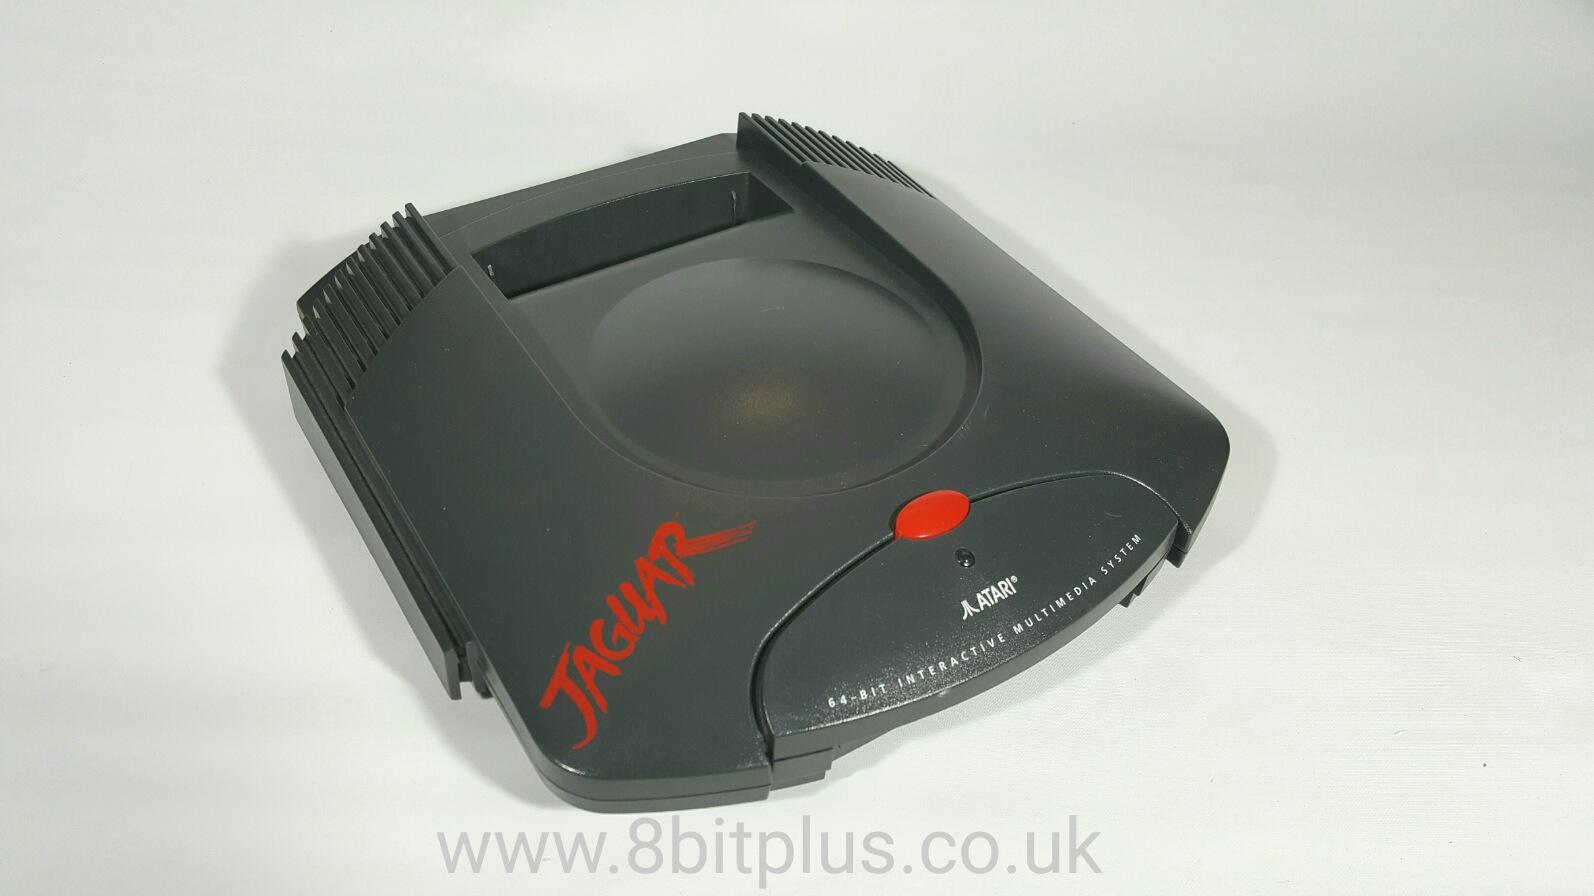 Atari_Jaguar_08_wm